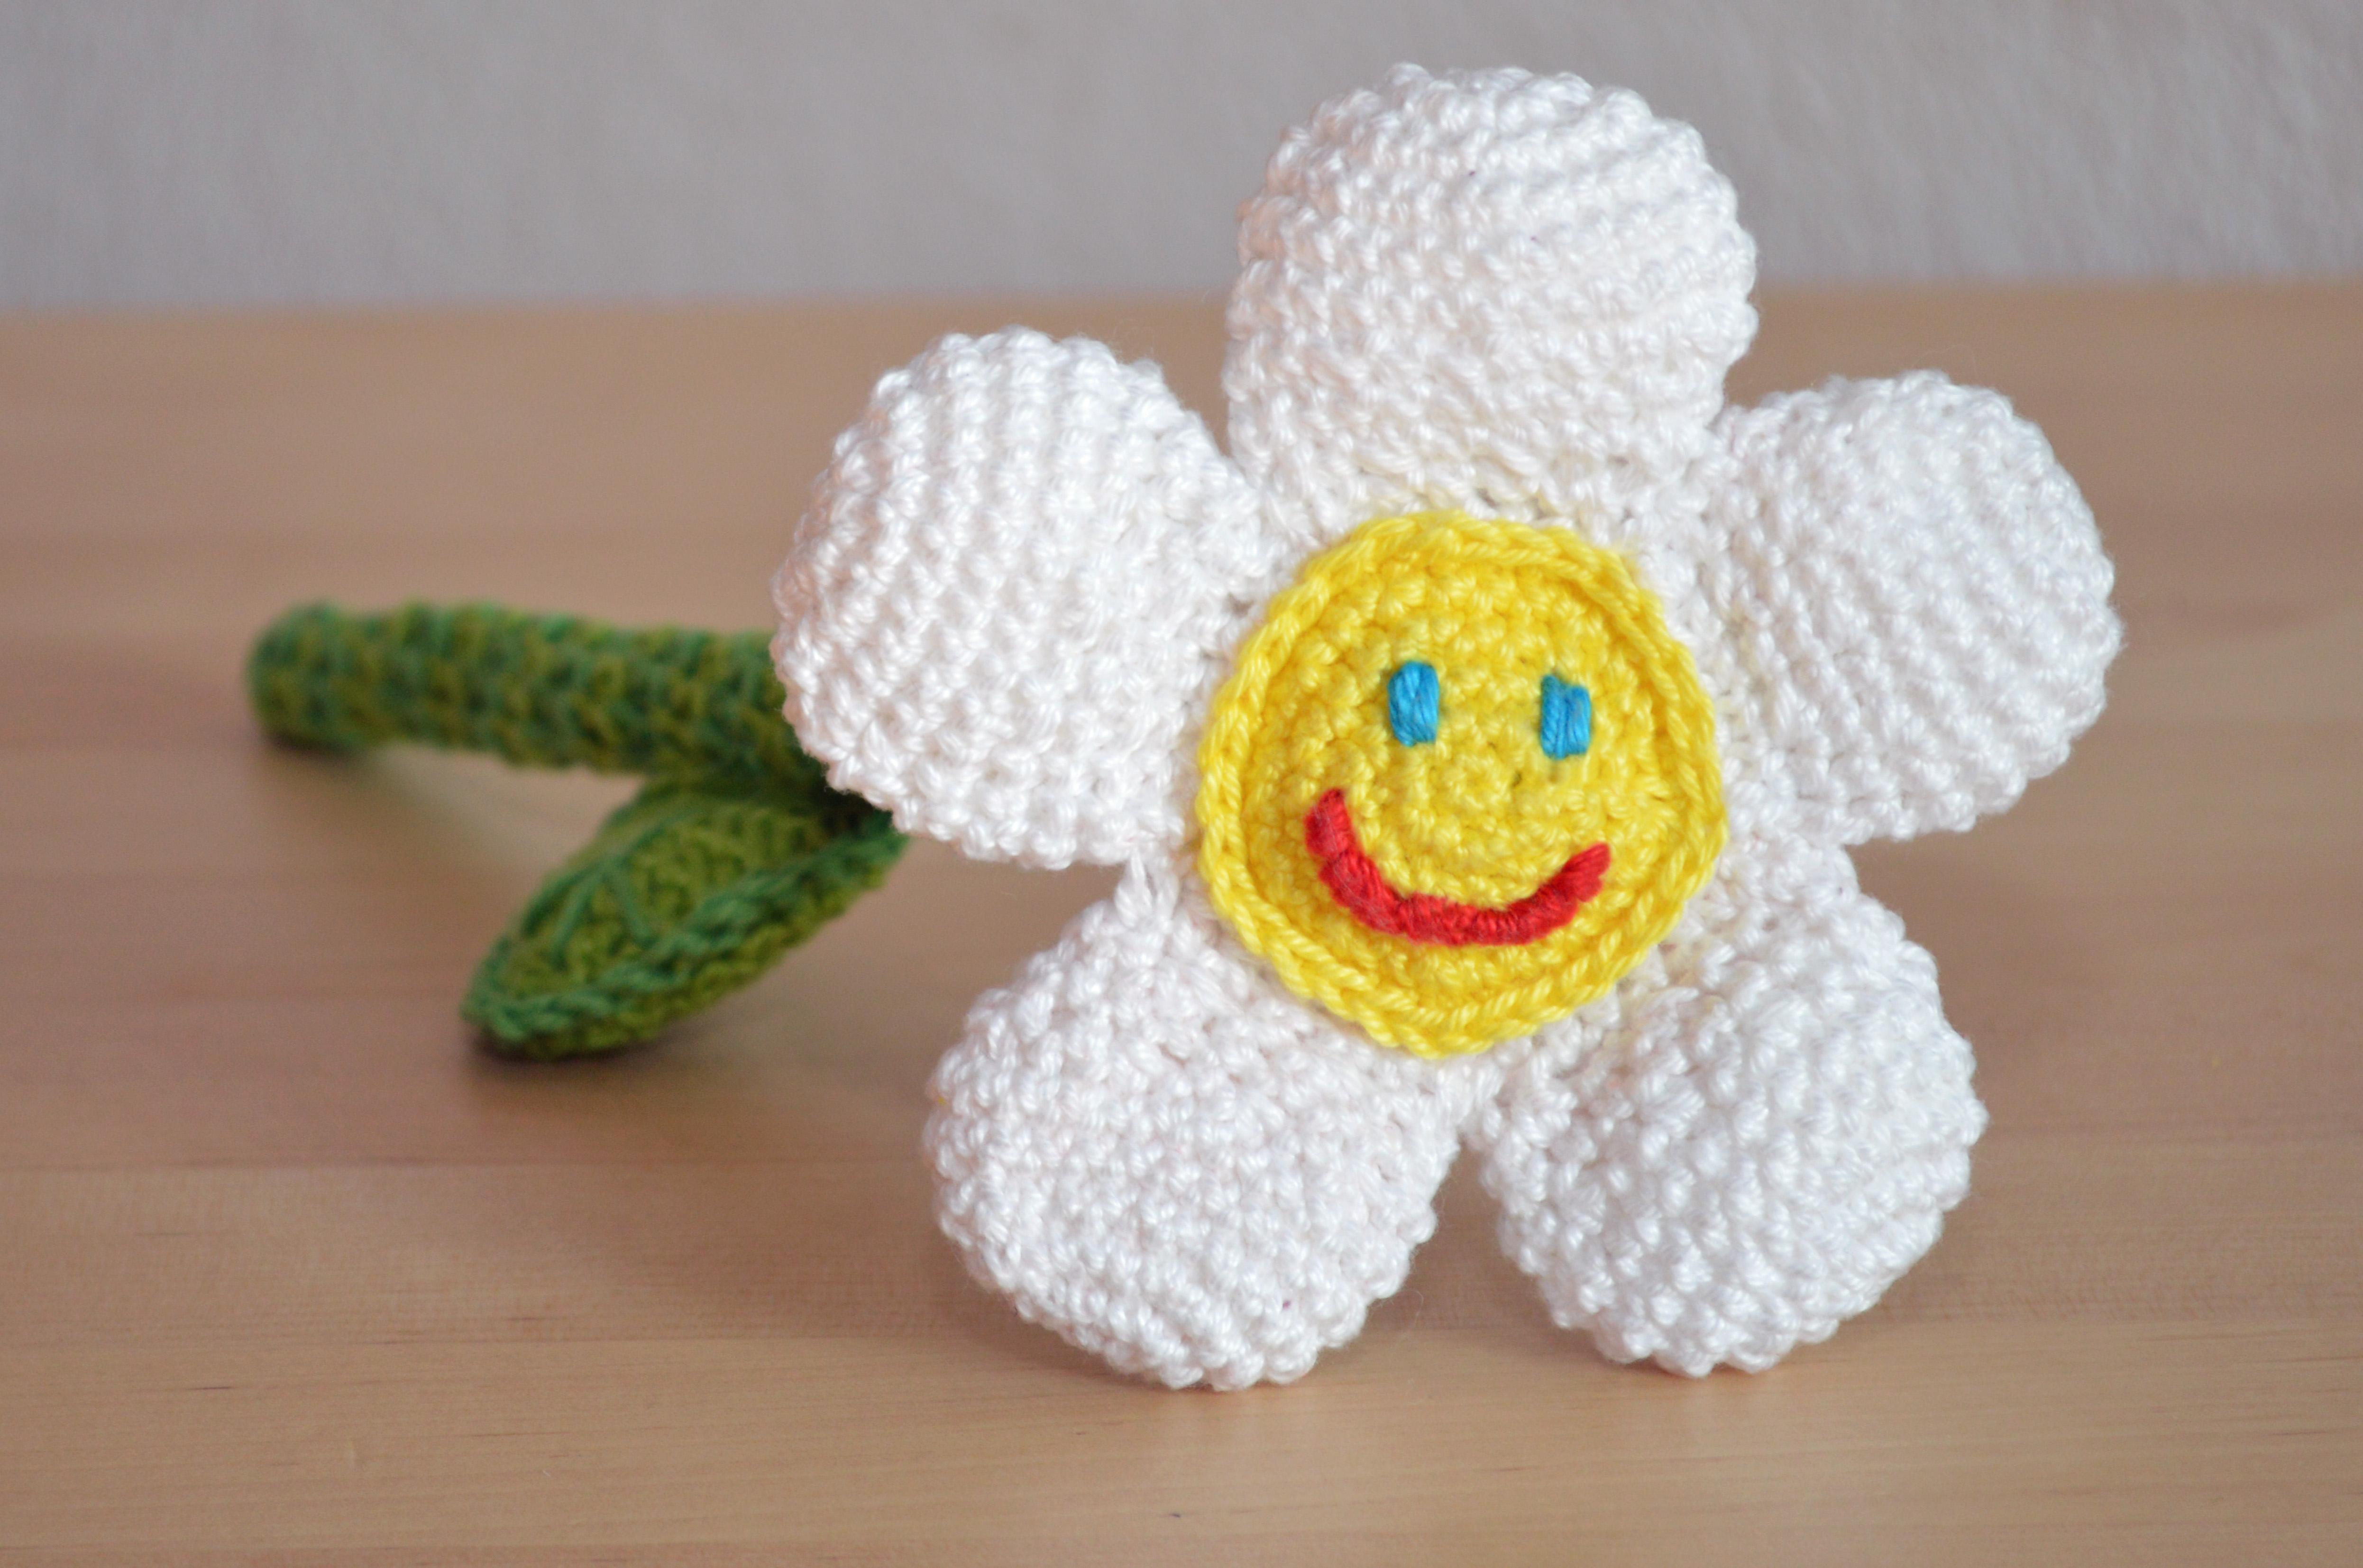 Süße Amigurumi Blumen kostenlose Häkelanleitungen | Blumen häkeln ... | 3307x4984